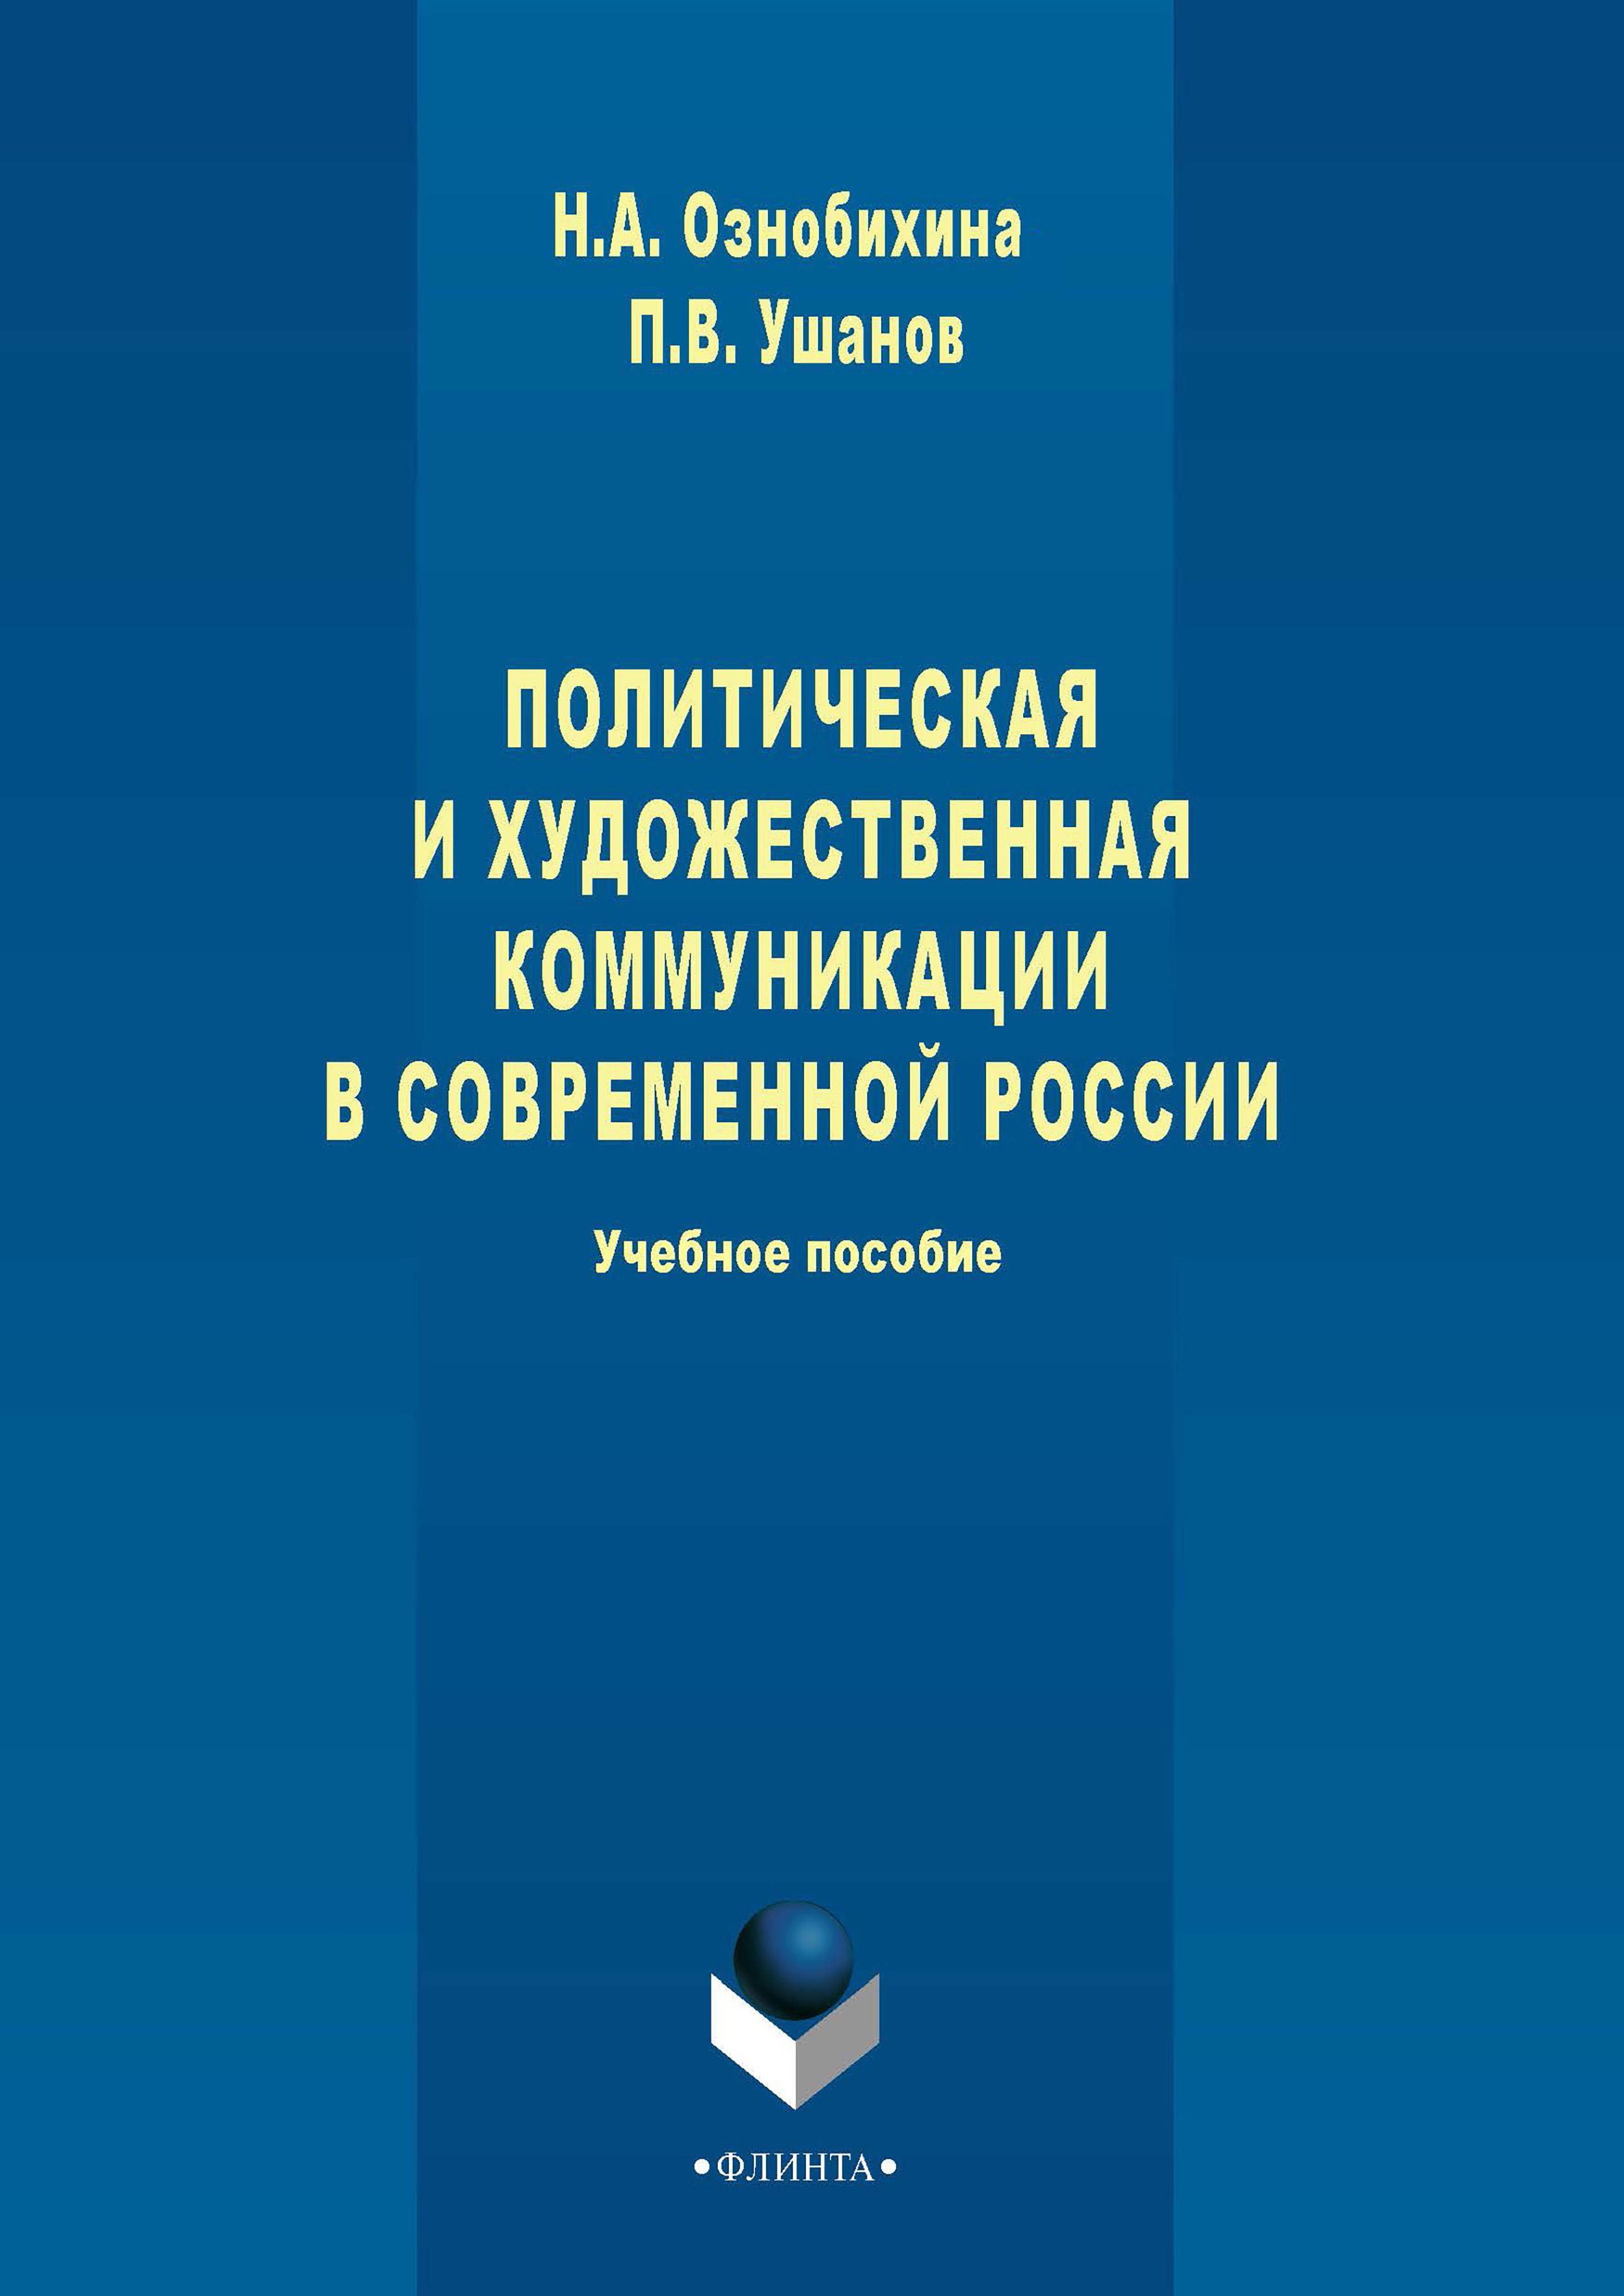 Политическая и художественная коммуникации в современной России. Учебное пособие